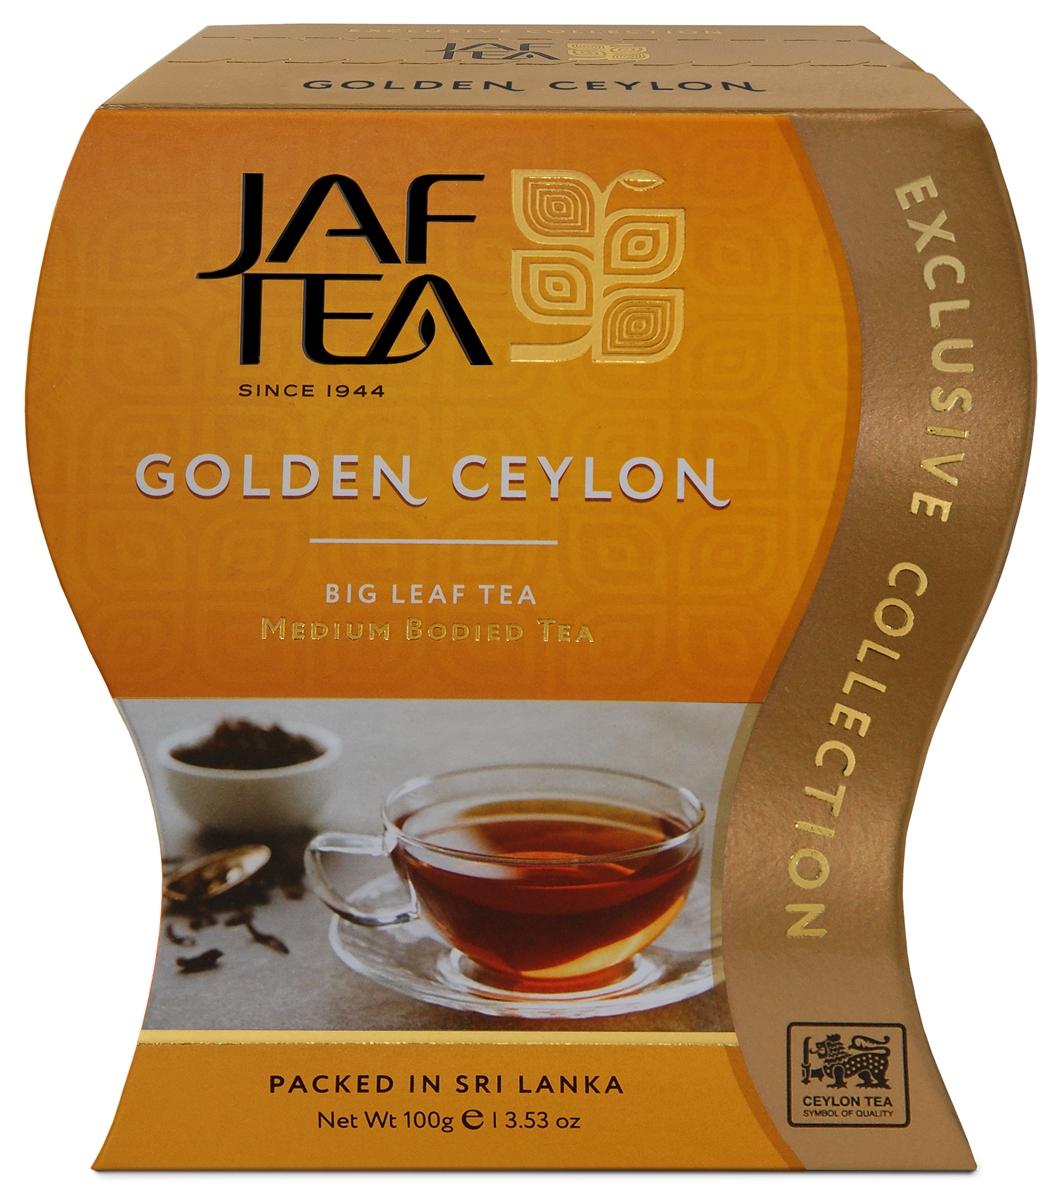 Jaf Tea Golden Ceylon сорт Оpa чай черный листовой, 100 г ceylon black tea fbop